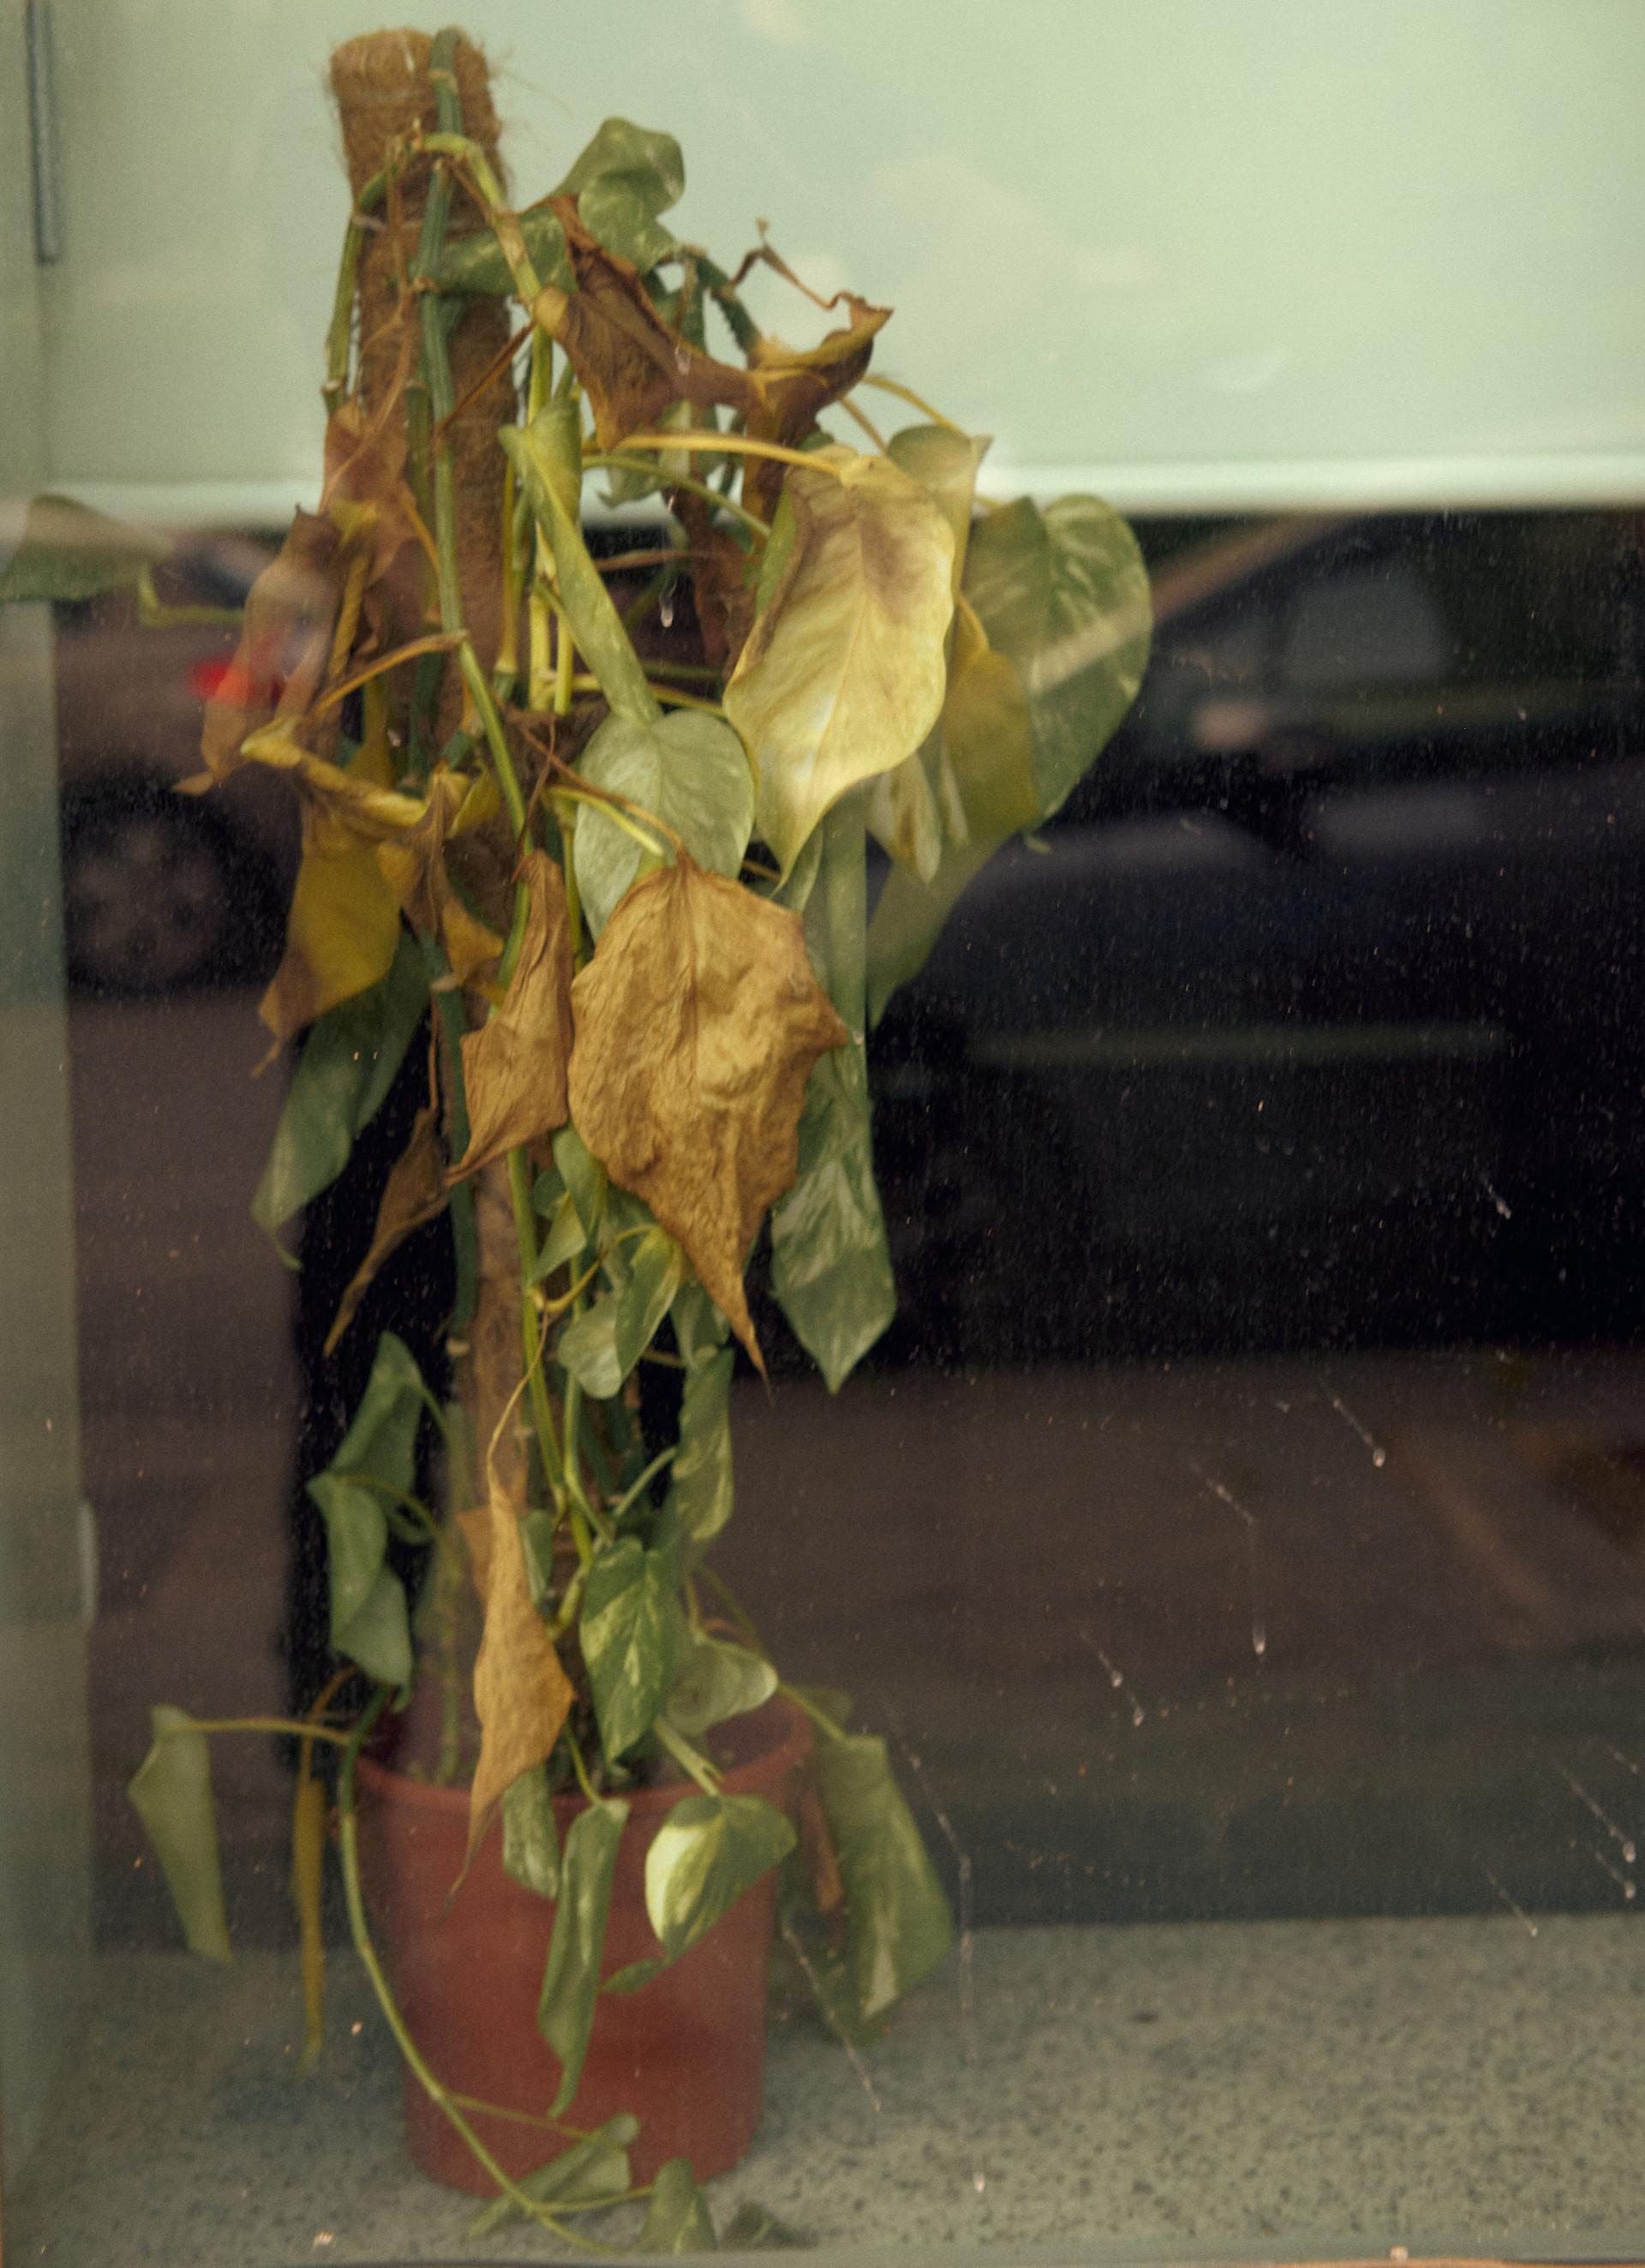 Planta seca en un comercio local , tras casi dos meses de confinamiento sin que nadie pueda regarla.